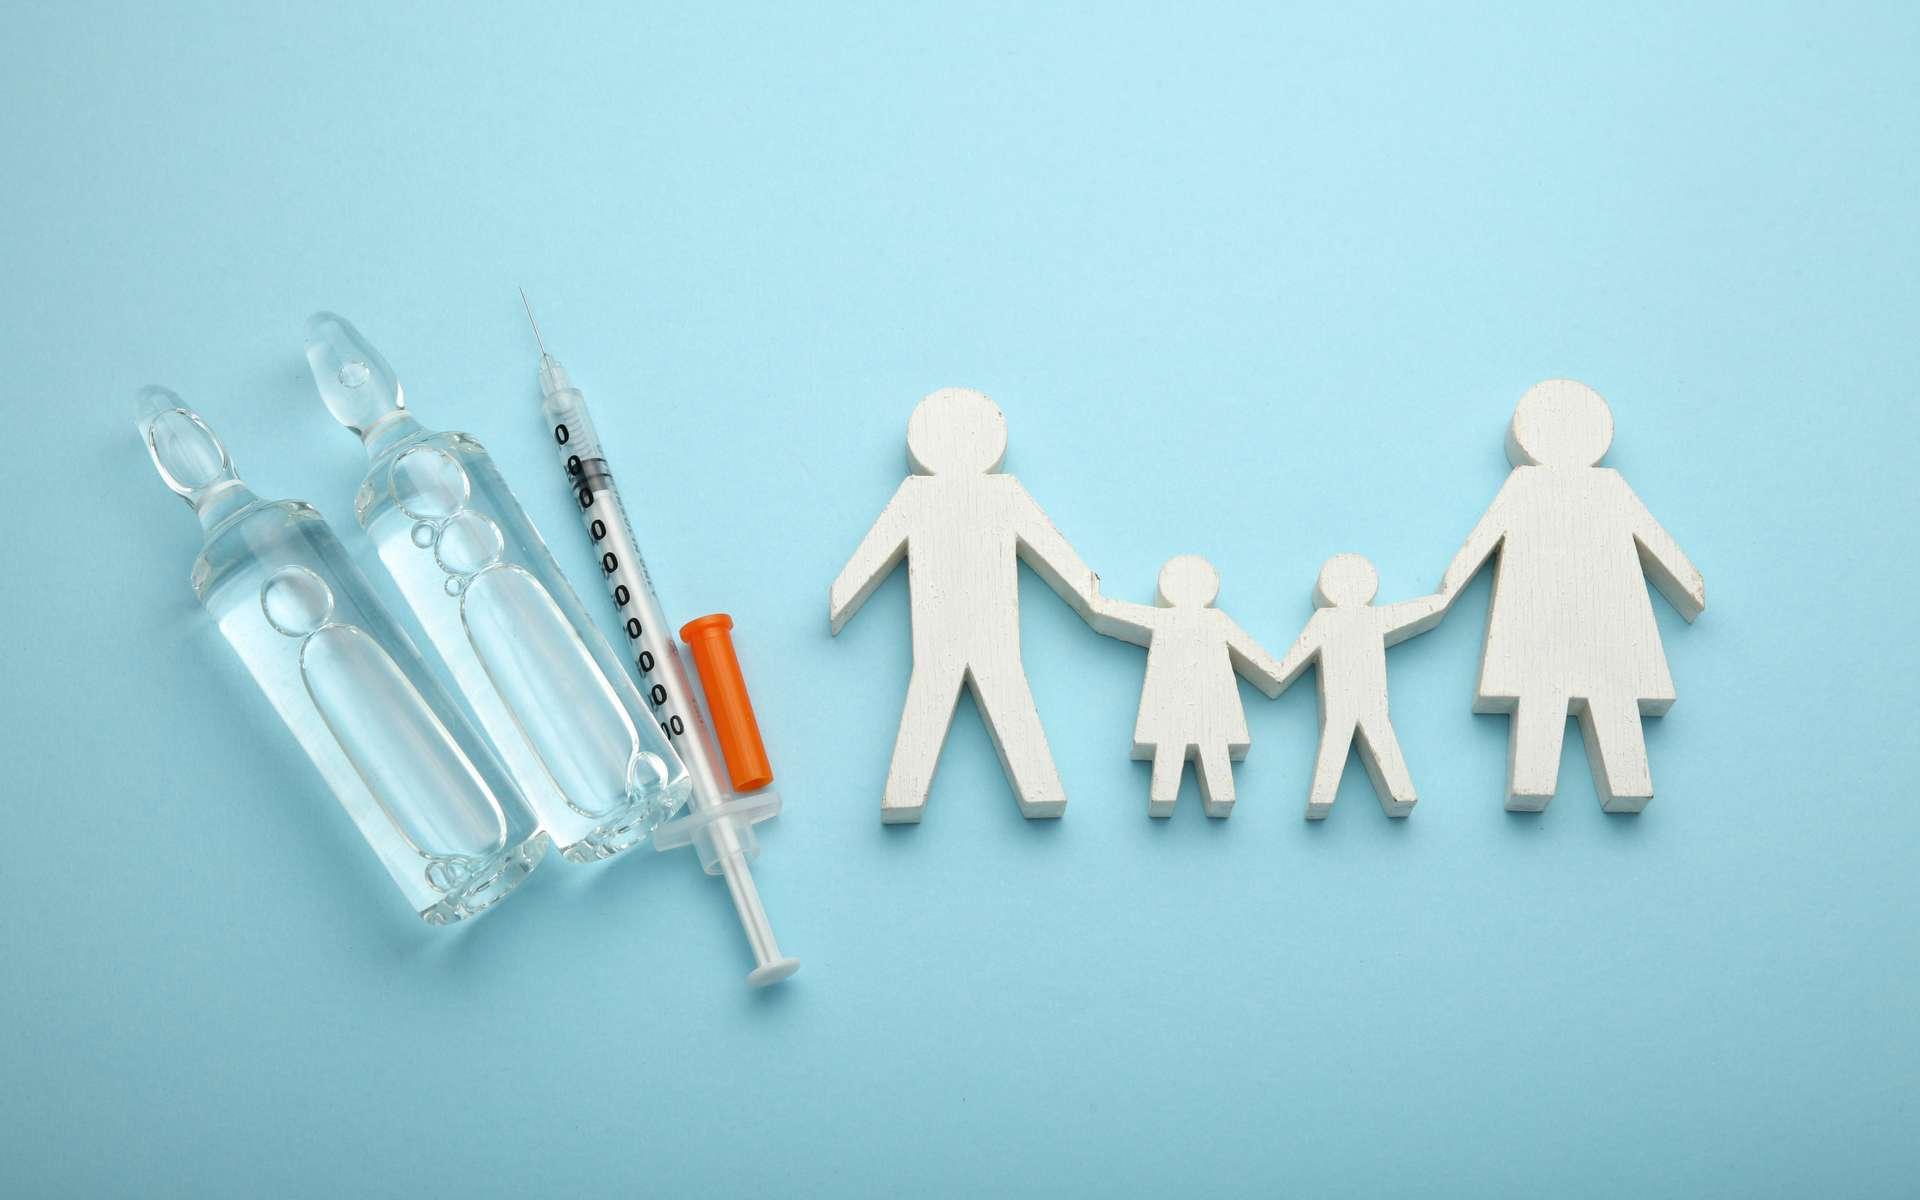 Le mouvement antivaccination prend de l'ampleur à travers le monde et surtout en France, dans le pays même de son inventeur. © Andrii Zastrozhnov, Adobe Stock